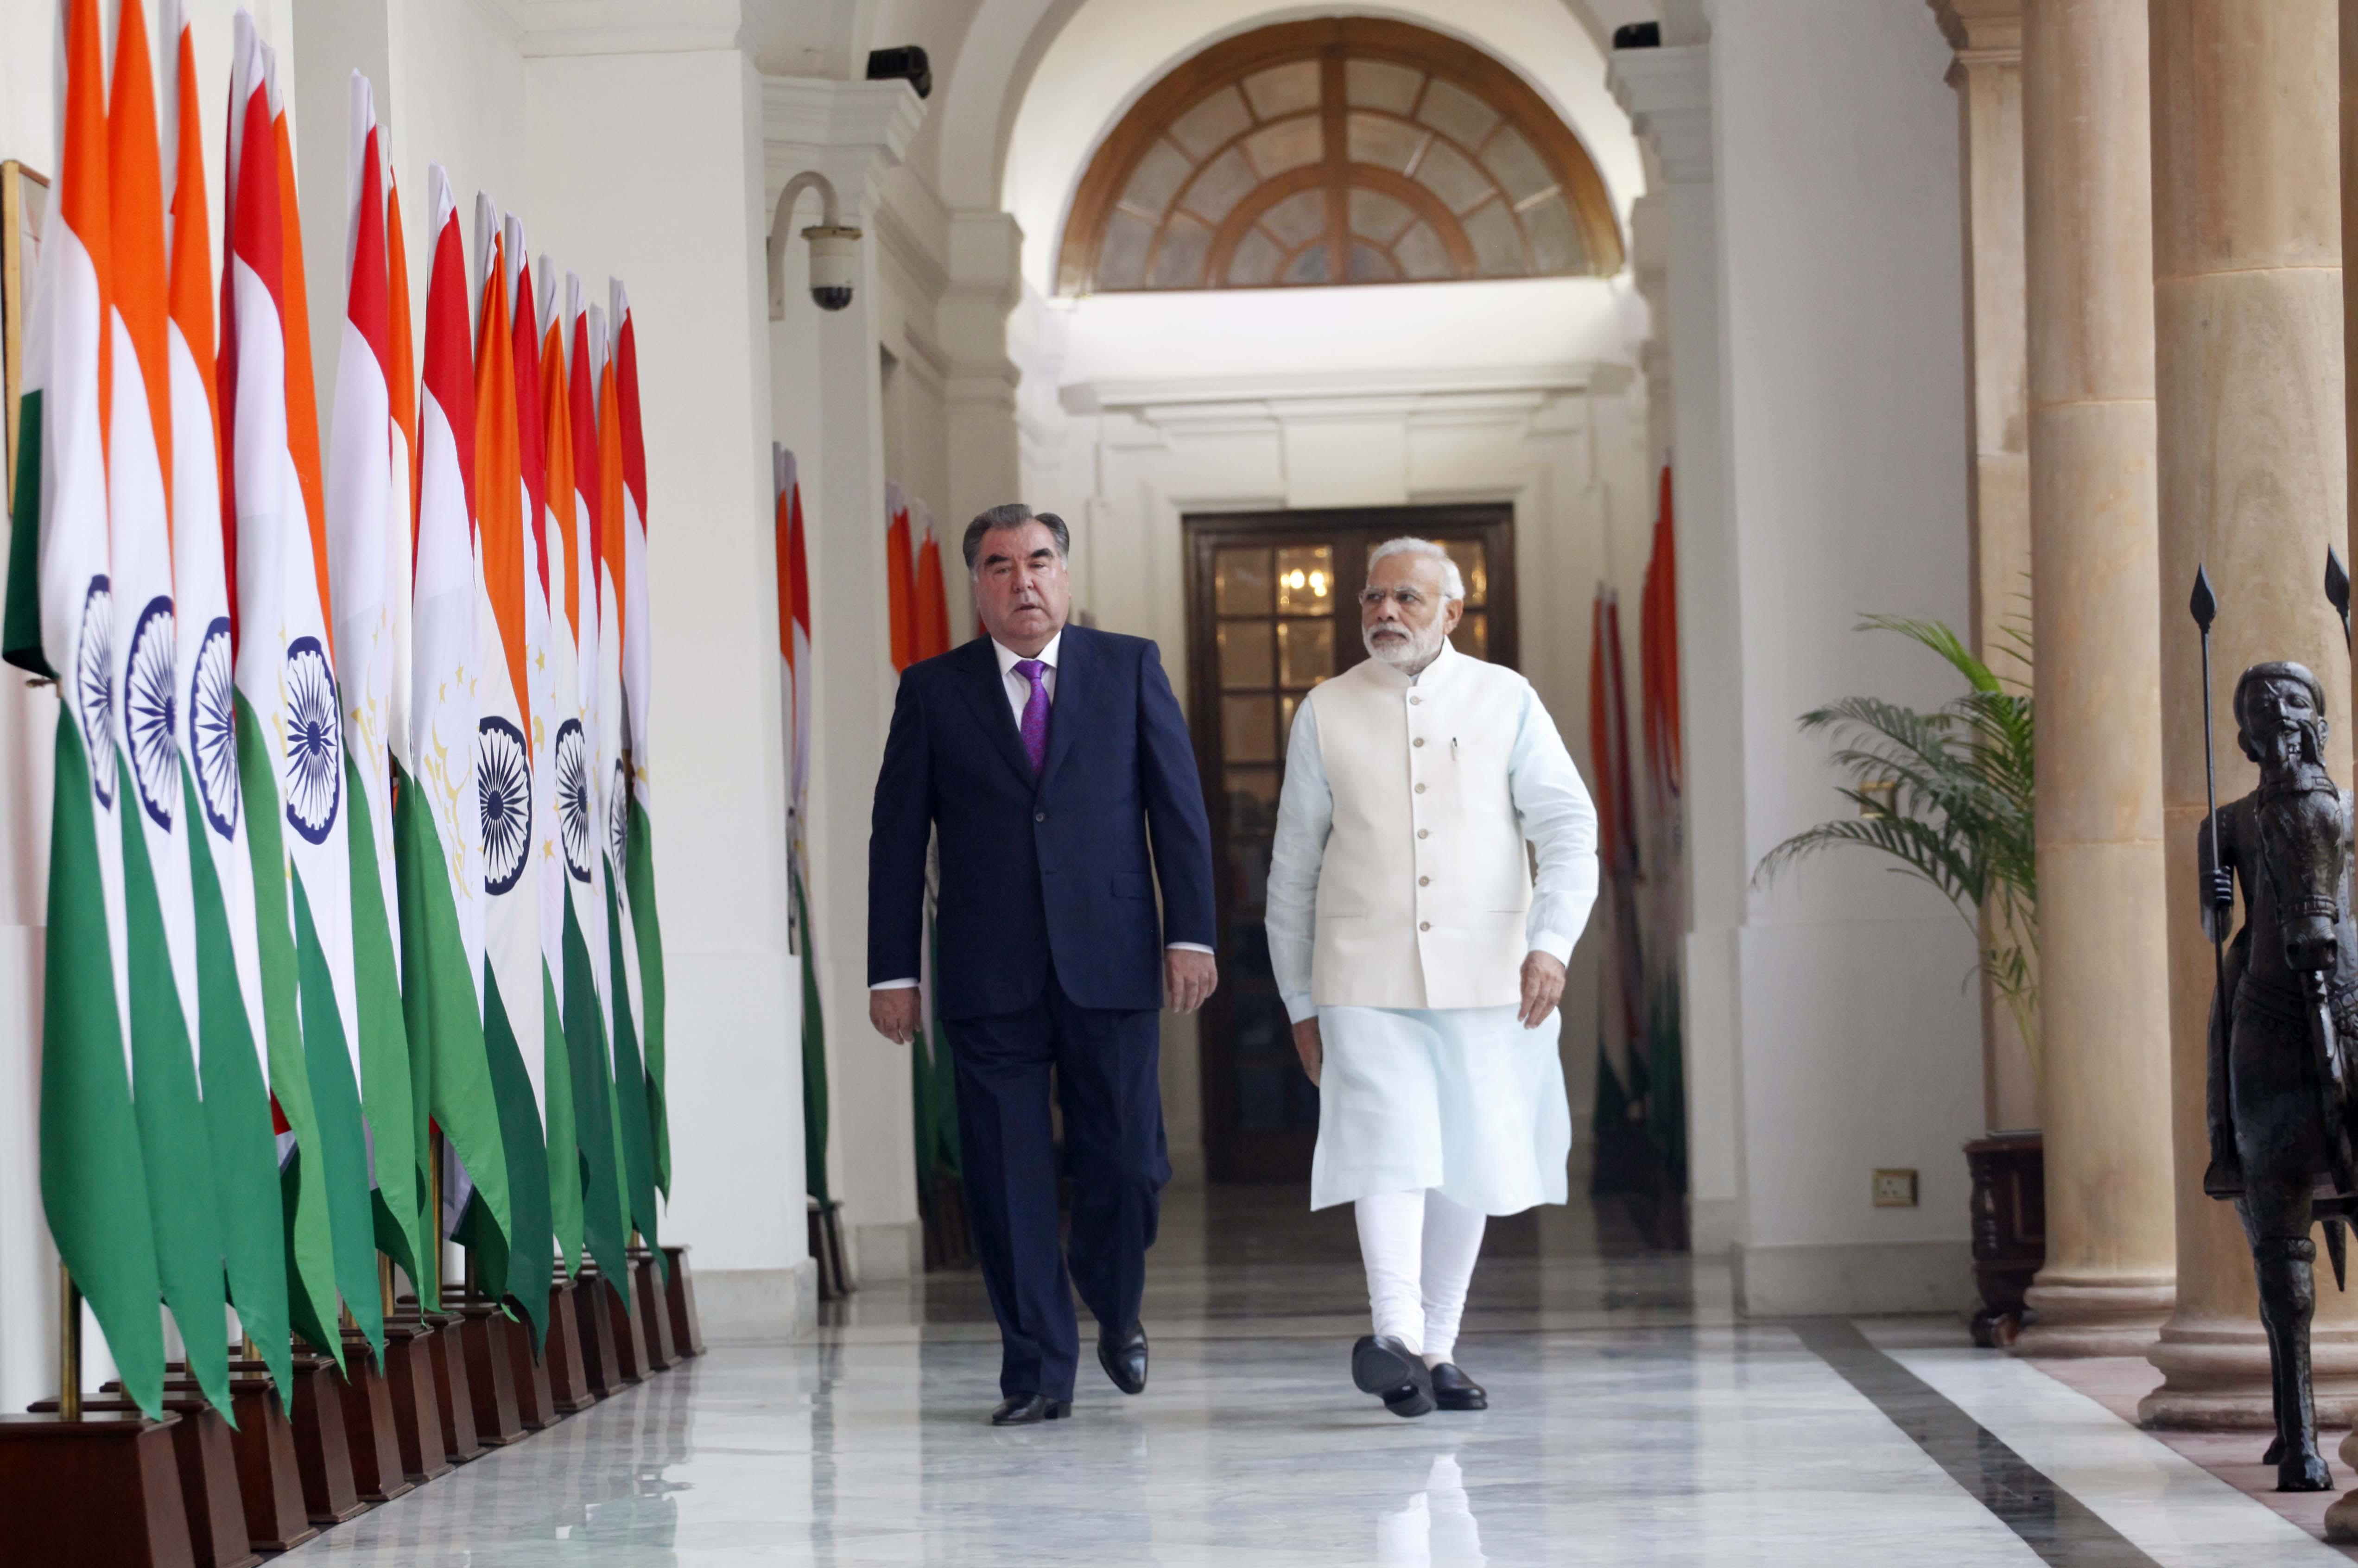 Prime Minister Narendra Modi with Tajikistan's President Emomali Rahmon. Credit: MEA/Flickr